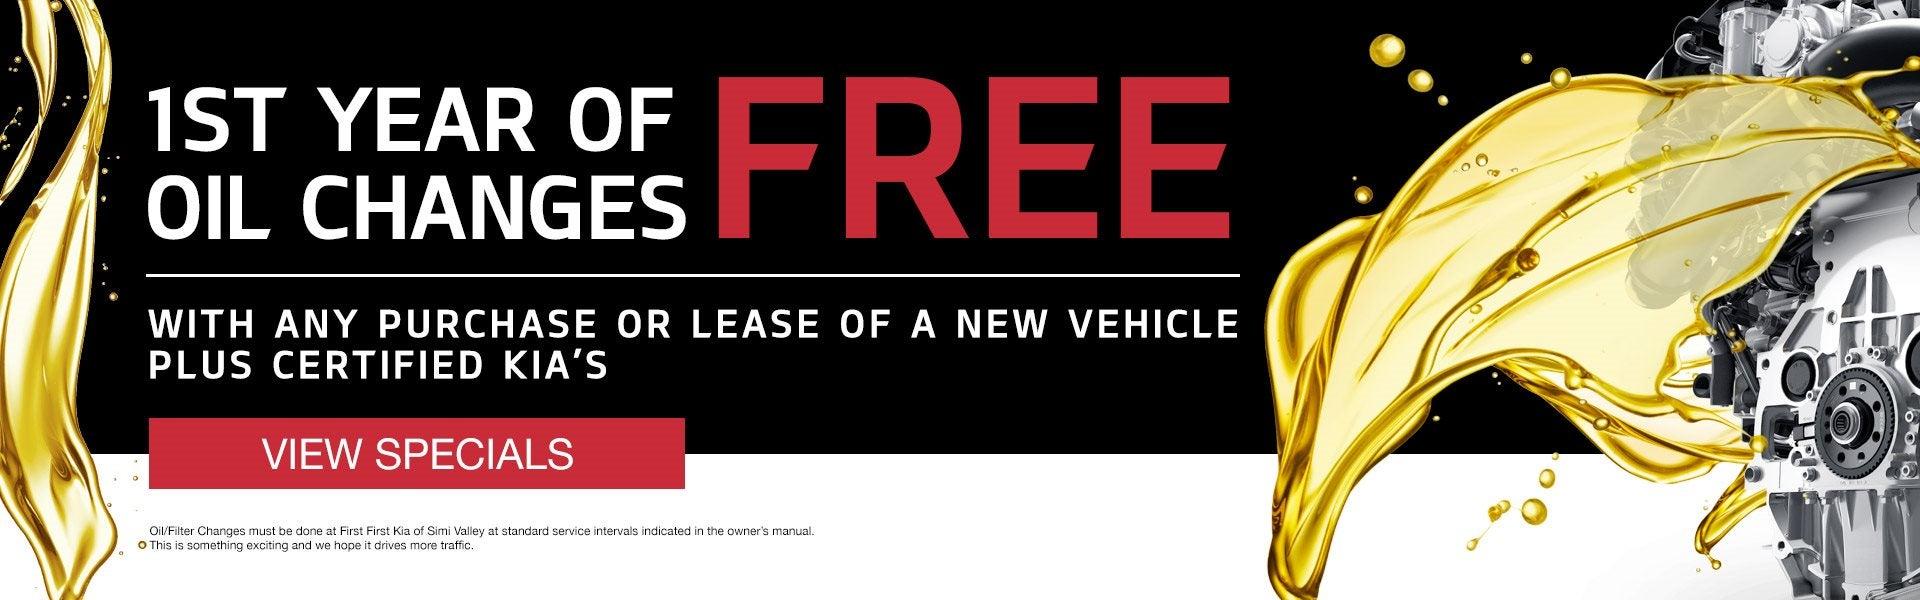 Kia Dealership Near Me >> First Kia of Simi Valley | Kia Dealership in Simi Valley, CA